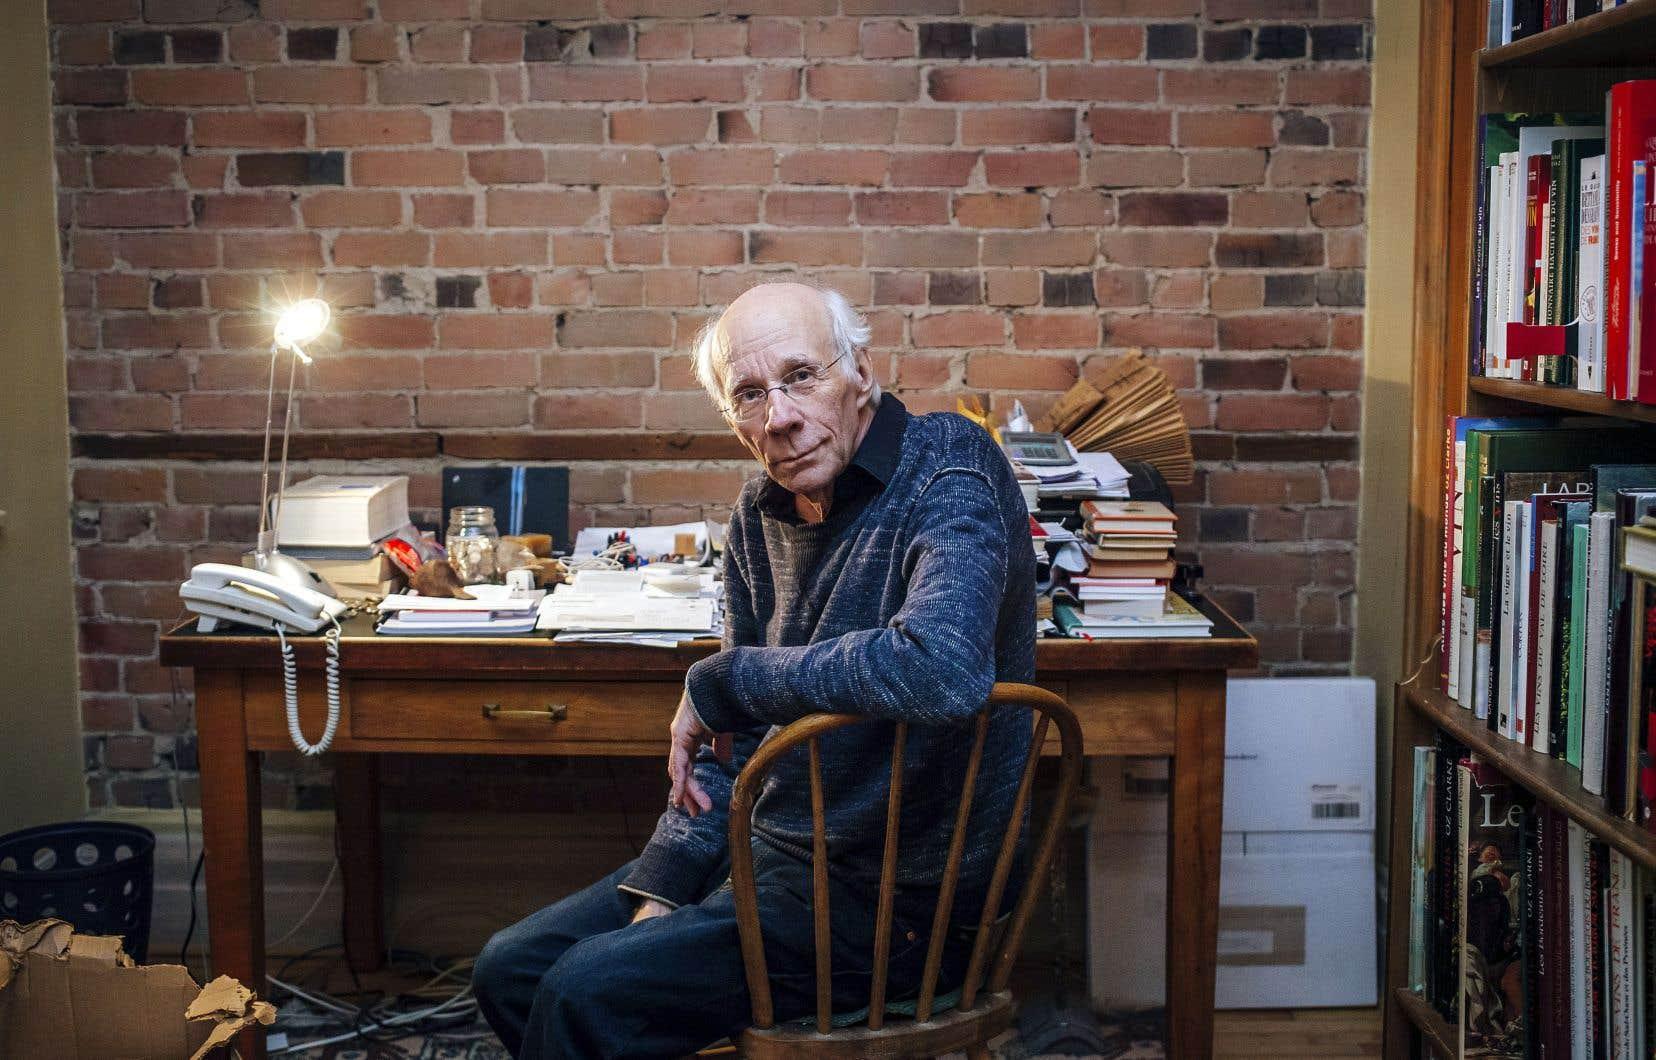 Symbole parmi d'autres d'une littérature québécoise aux prises avec de graves problèmes d'amnésie, Jacques Benoit se garde pourtant de s'abreuver au ruisseau empoisonné de l'amertume.